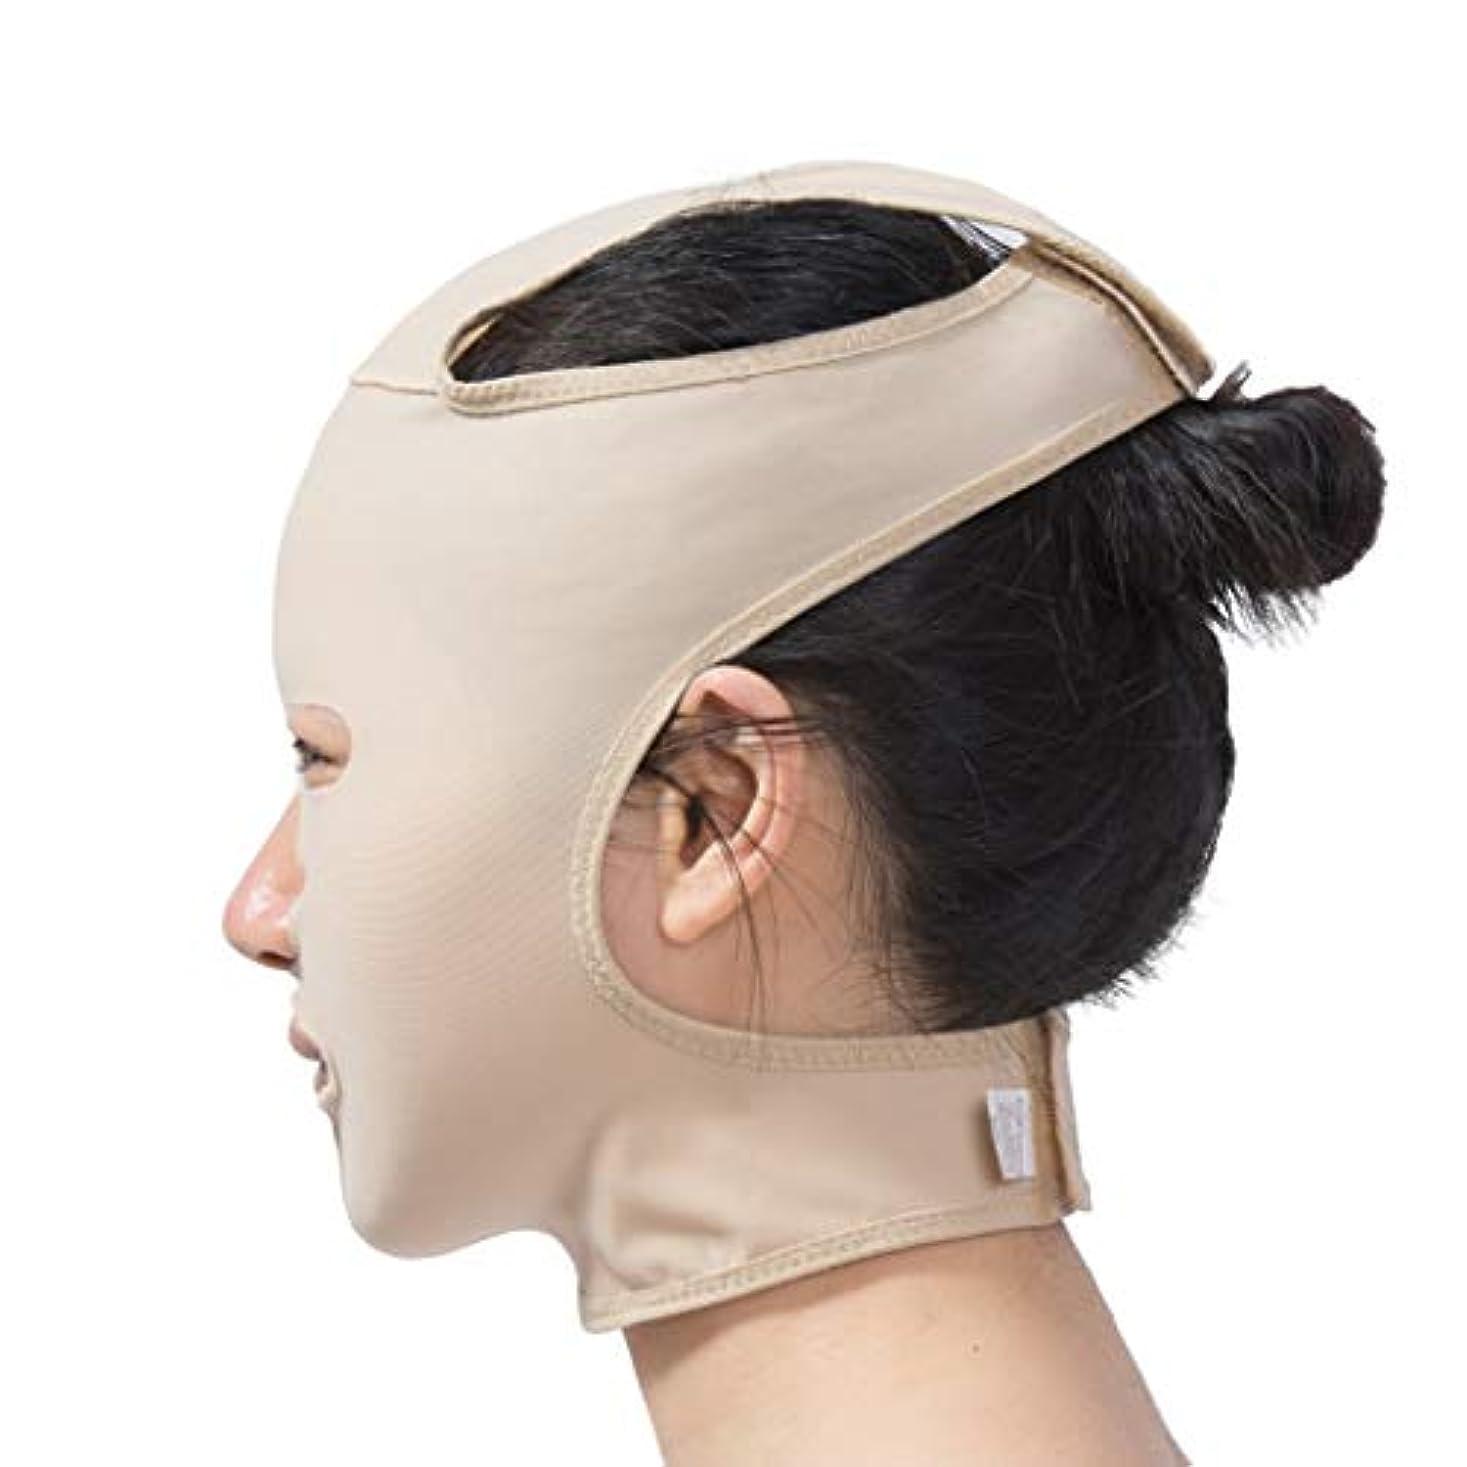 感謝モーター愛するフェイスリフトマスク、フルフェイスマスク医療グレード圧力フェイスダブルチンプラスチック脂肪吸引術弾性包帯ヘッドギア後の顔の脂肪吸引術 (Size : S)